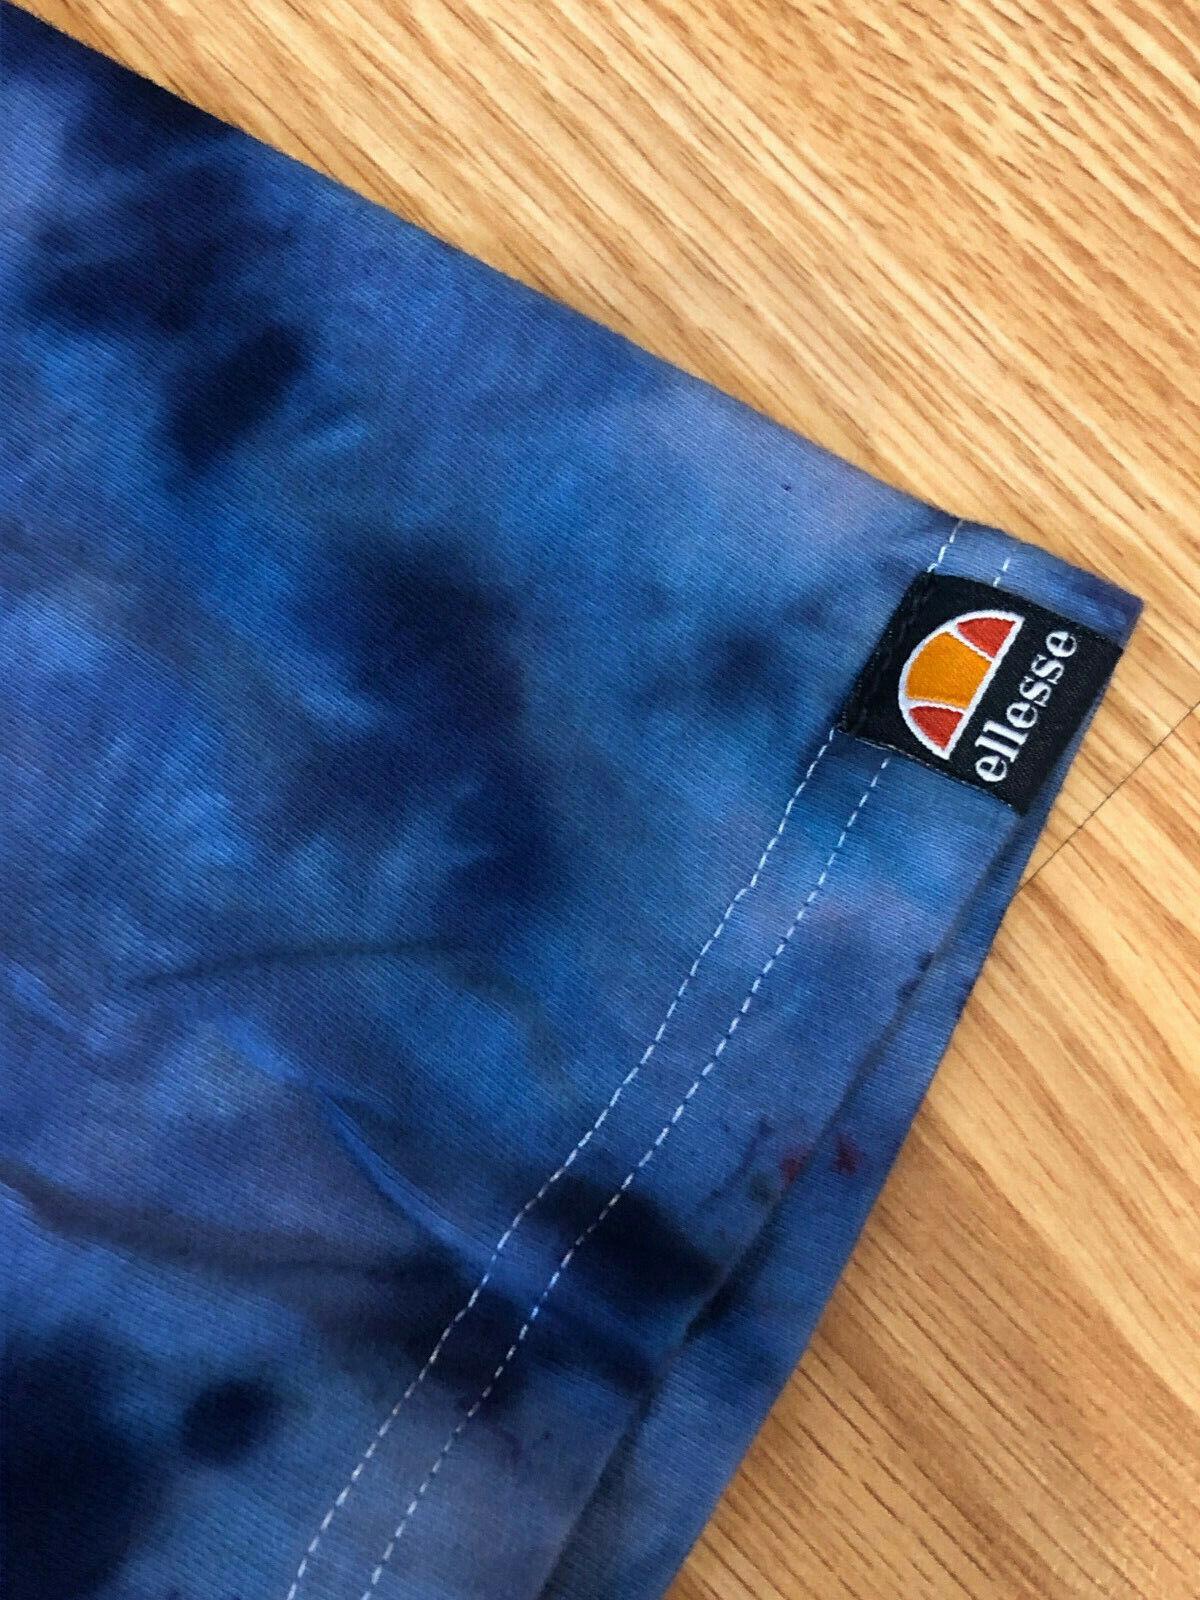 1 of 1 custom t-shirt tie dye (XS) ellesse tee tshirt One of a kind